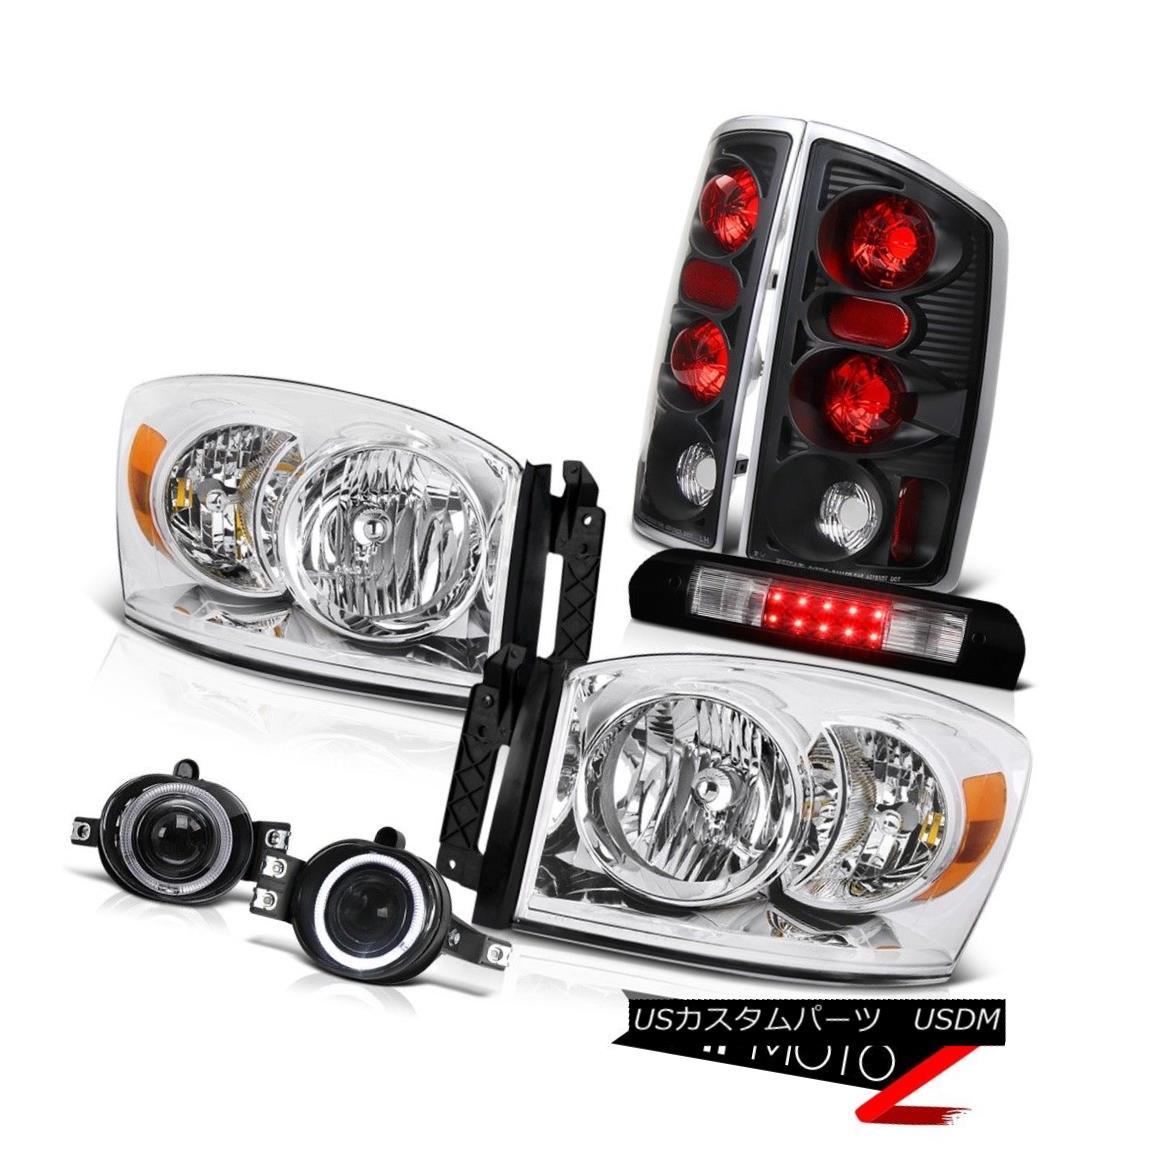 ヘッドライト Crystal Headlights Rear Black Tail Lights Projector Fog LED 2006 Dodge Ram SLT クリスタルヘッドライトリアブラックテールライトプロジェクターフォグLED 2006 Dodge Ram SLT